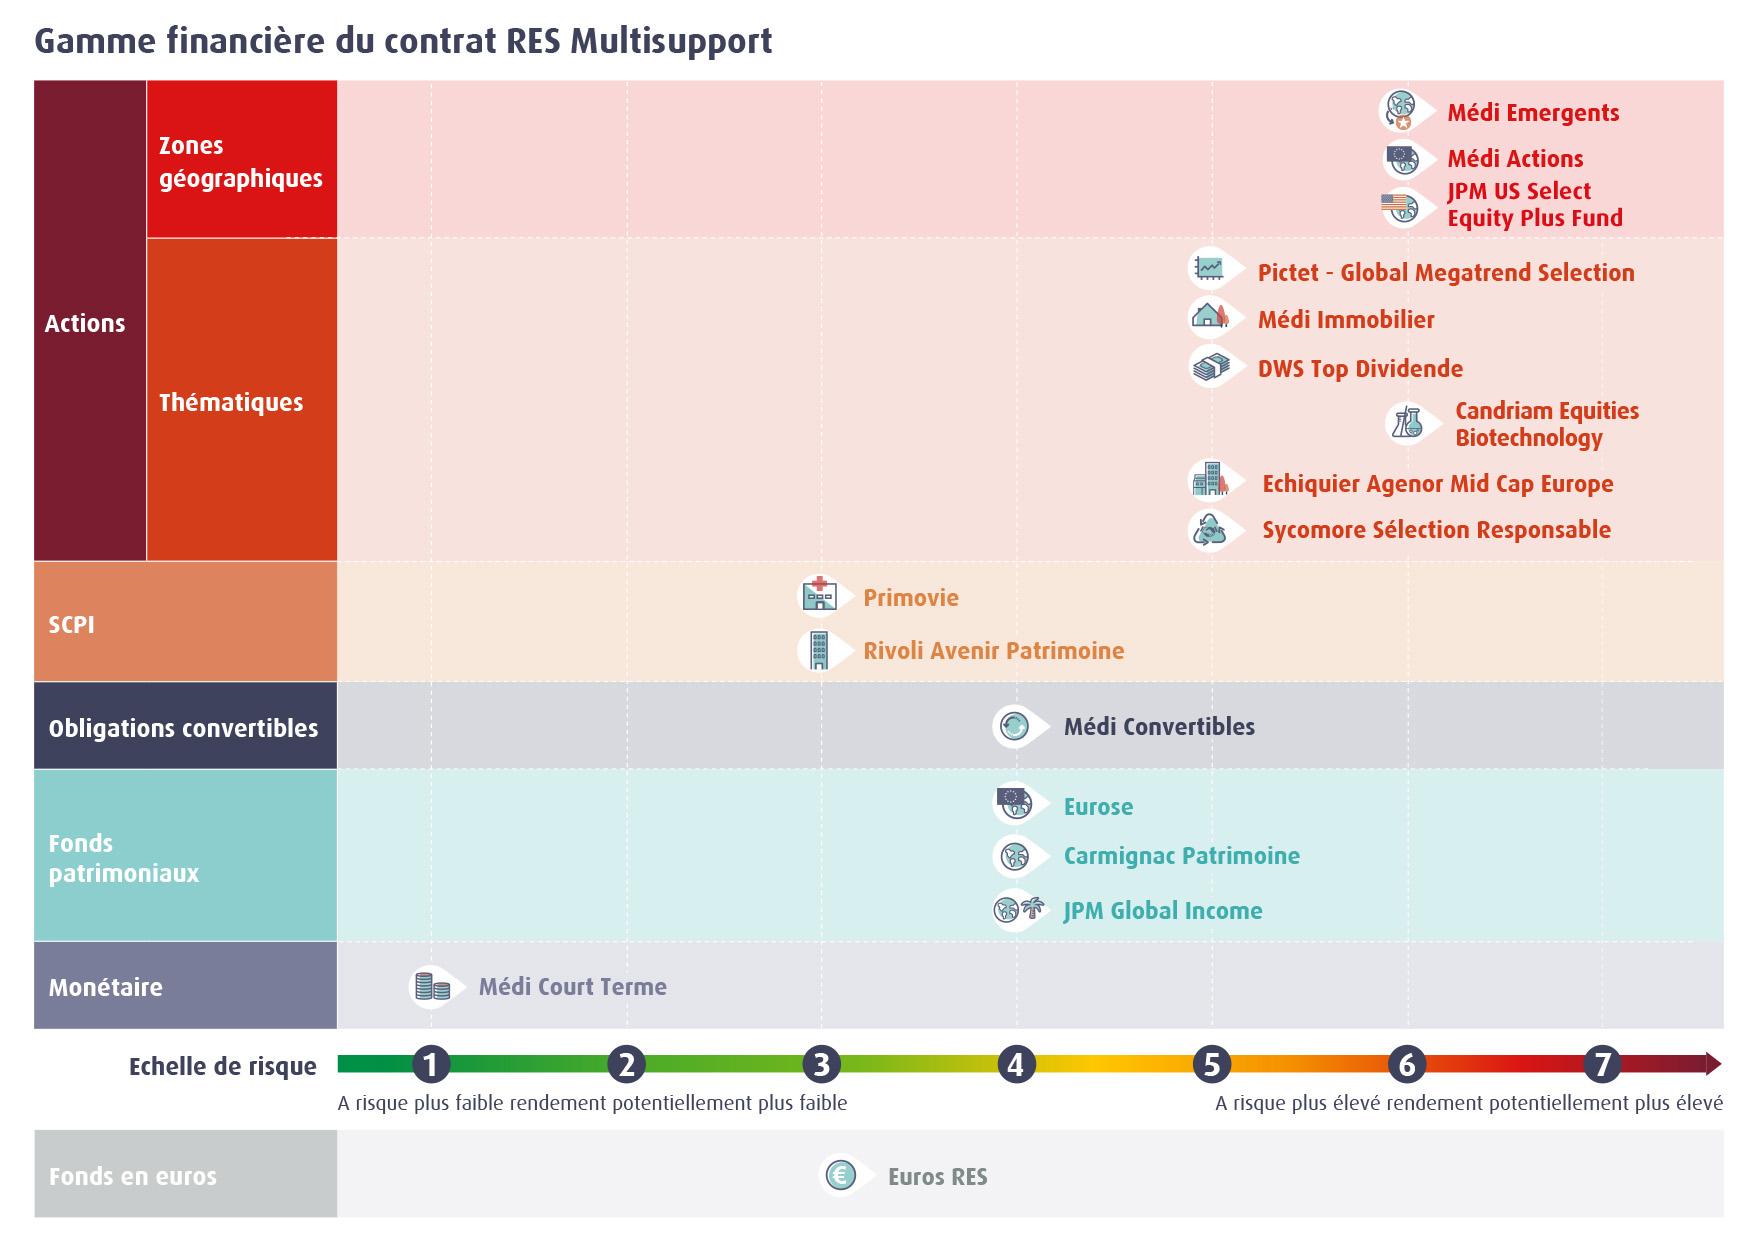 Infographie gamme financière 2019